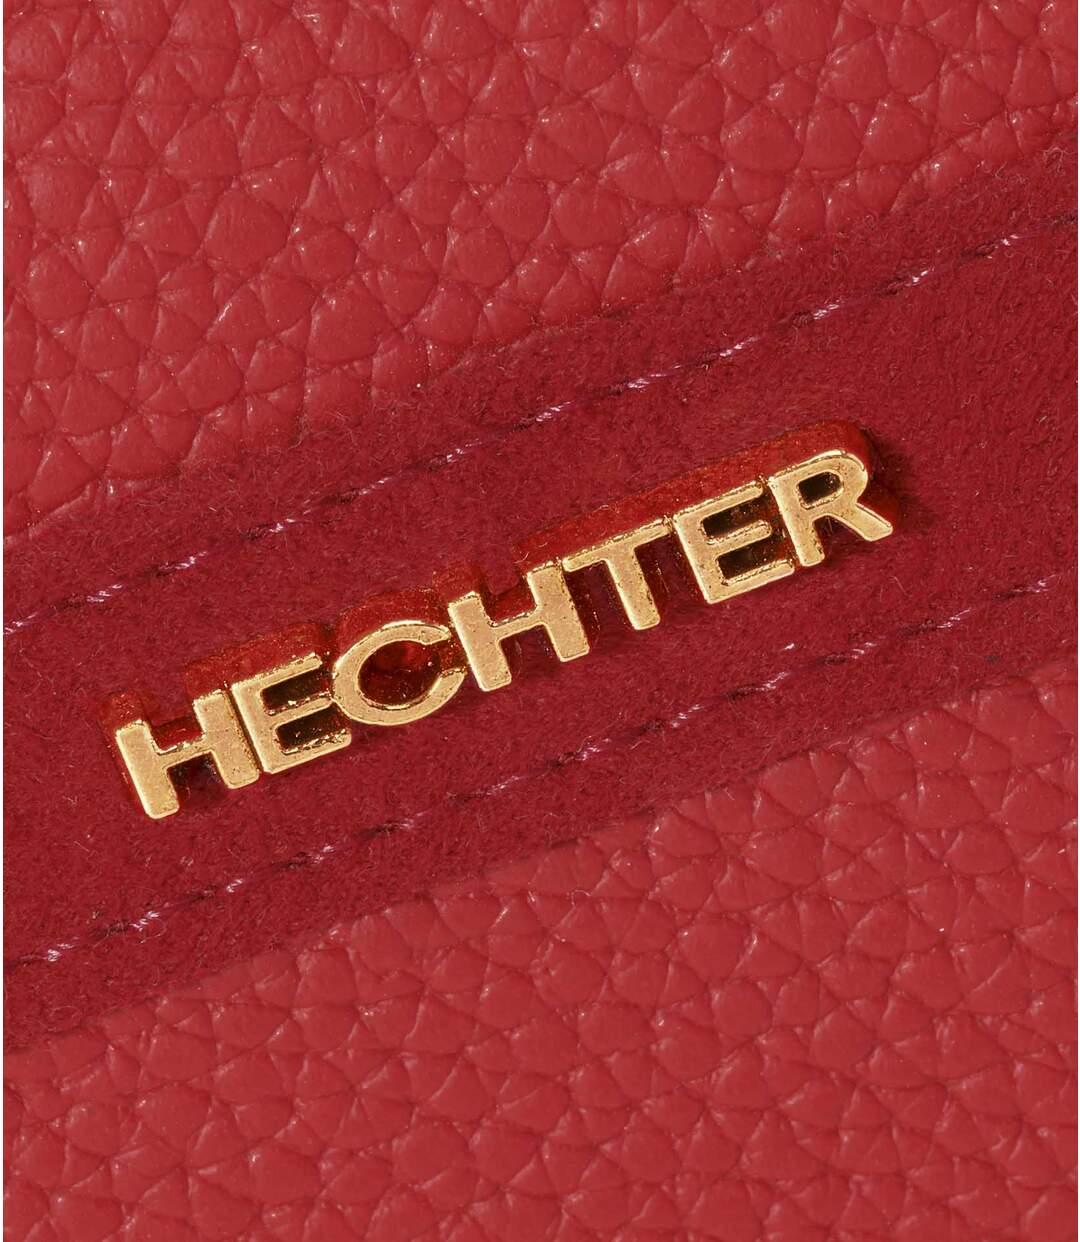 Alles-in-één portemonnee van het merk Daniel Hechter